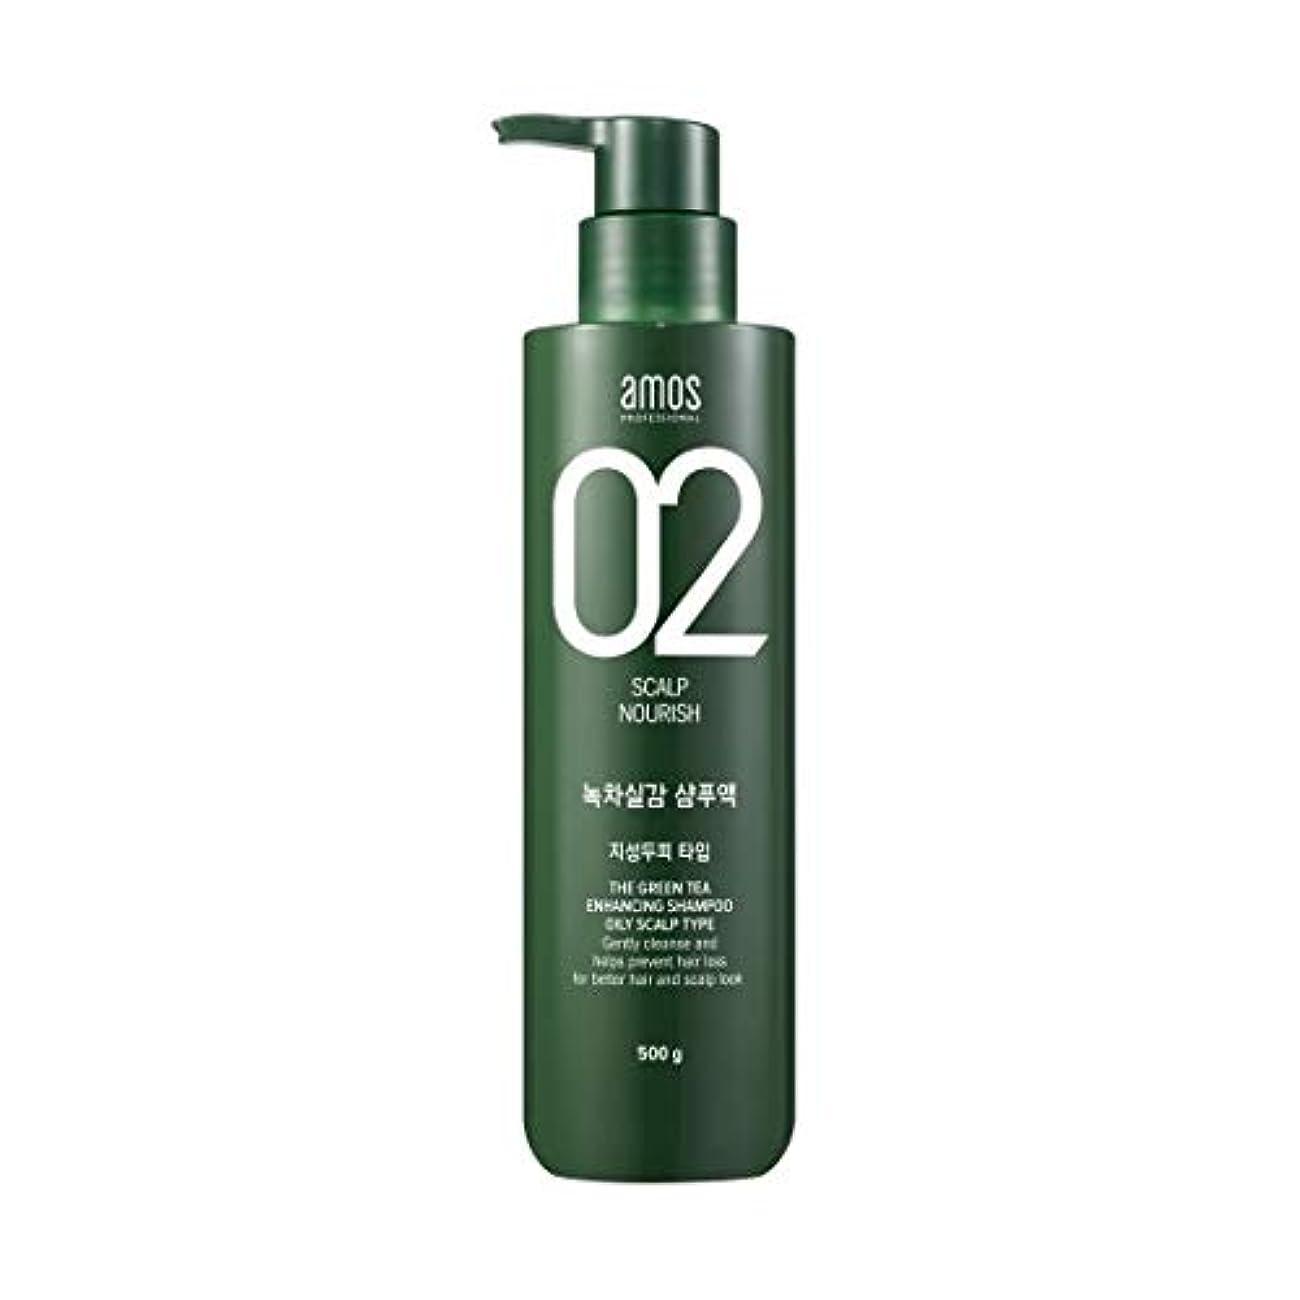 抽象コミュニケーションぞっとするようなAmos Green Tea Enhancing Shampoo -Oily 500g / アモス ザ グリーンティー エンハンシング シャンプー # 脂性 オイリー スカルプタイプ [並行輸入品]